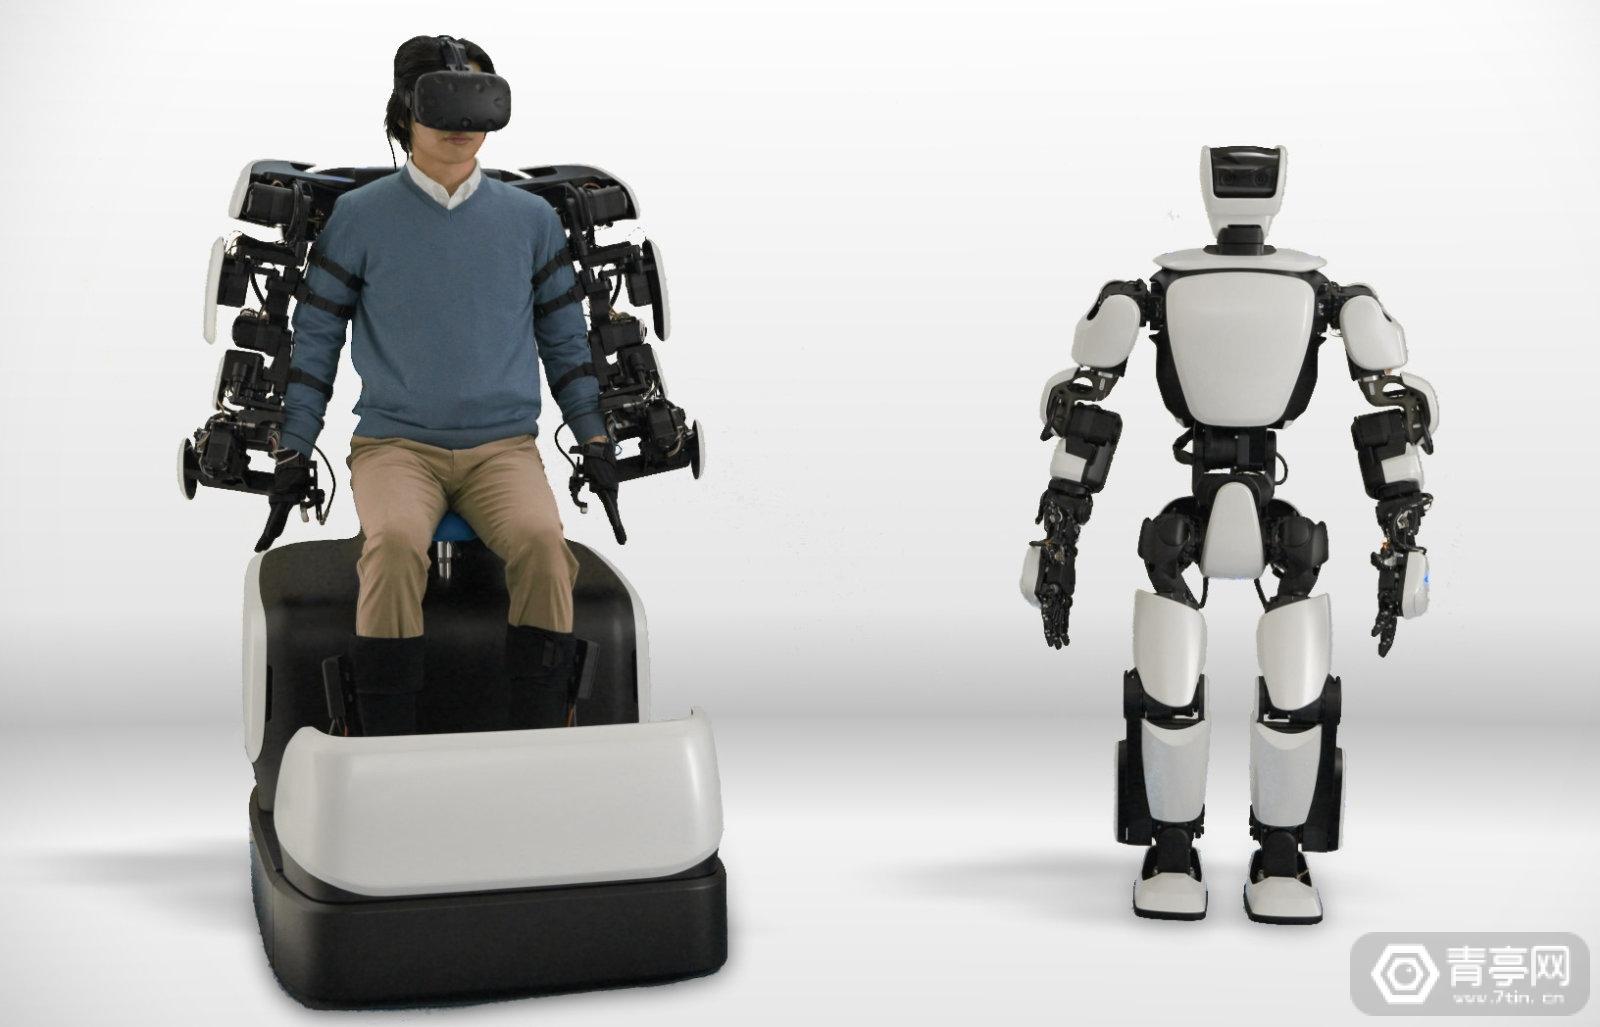 丰田与Docomo合作,通过5G+VR远程控制机器人